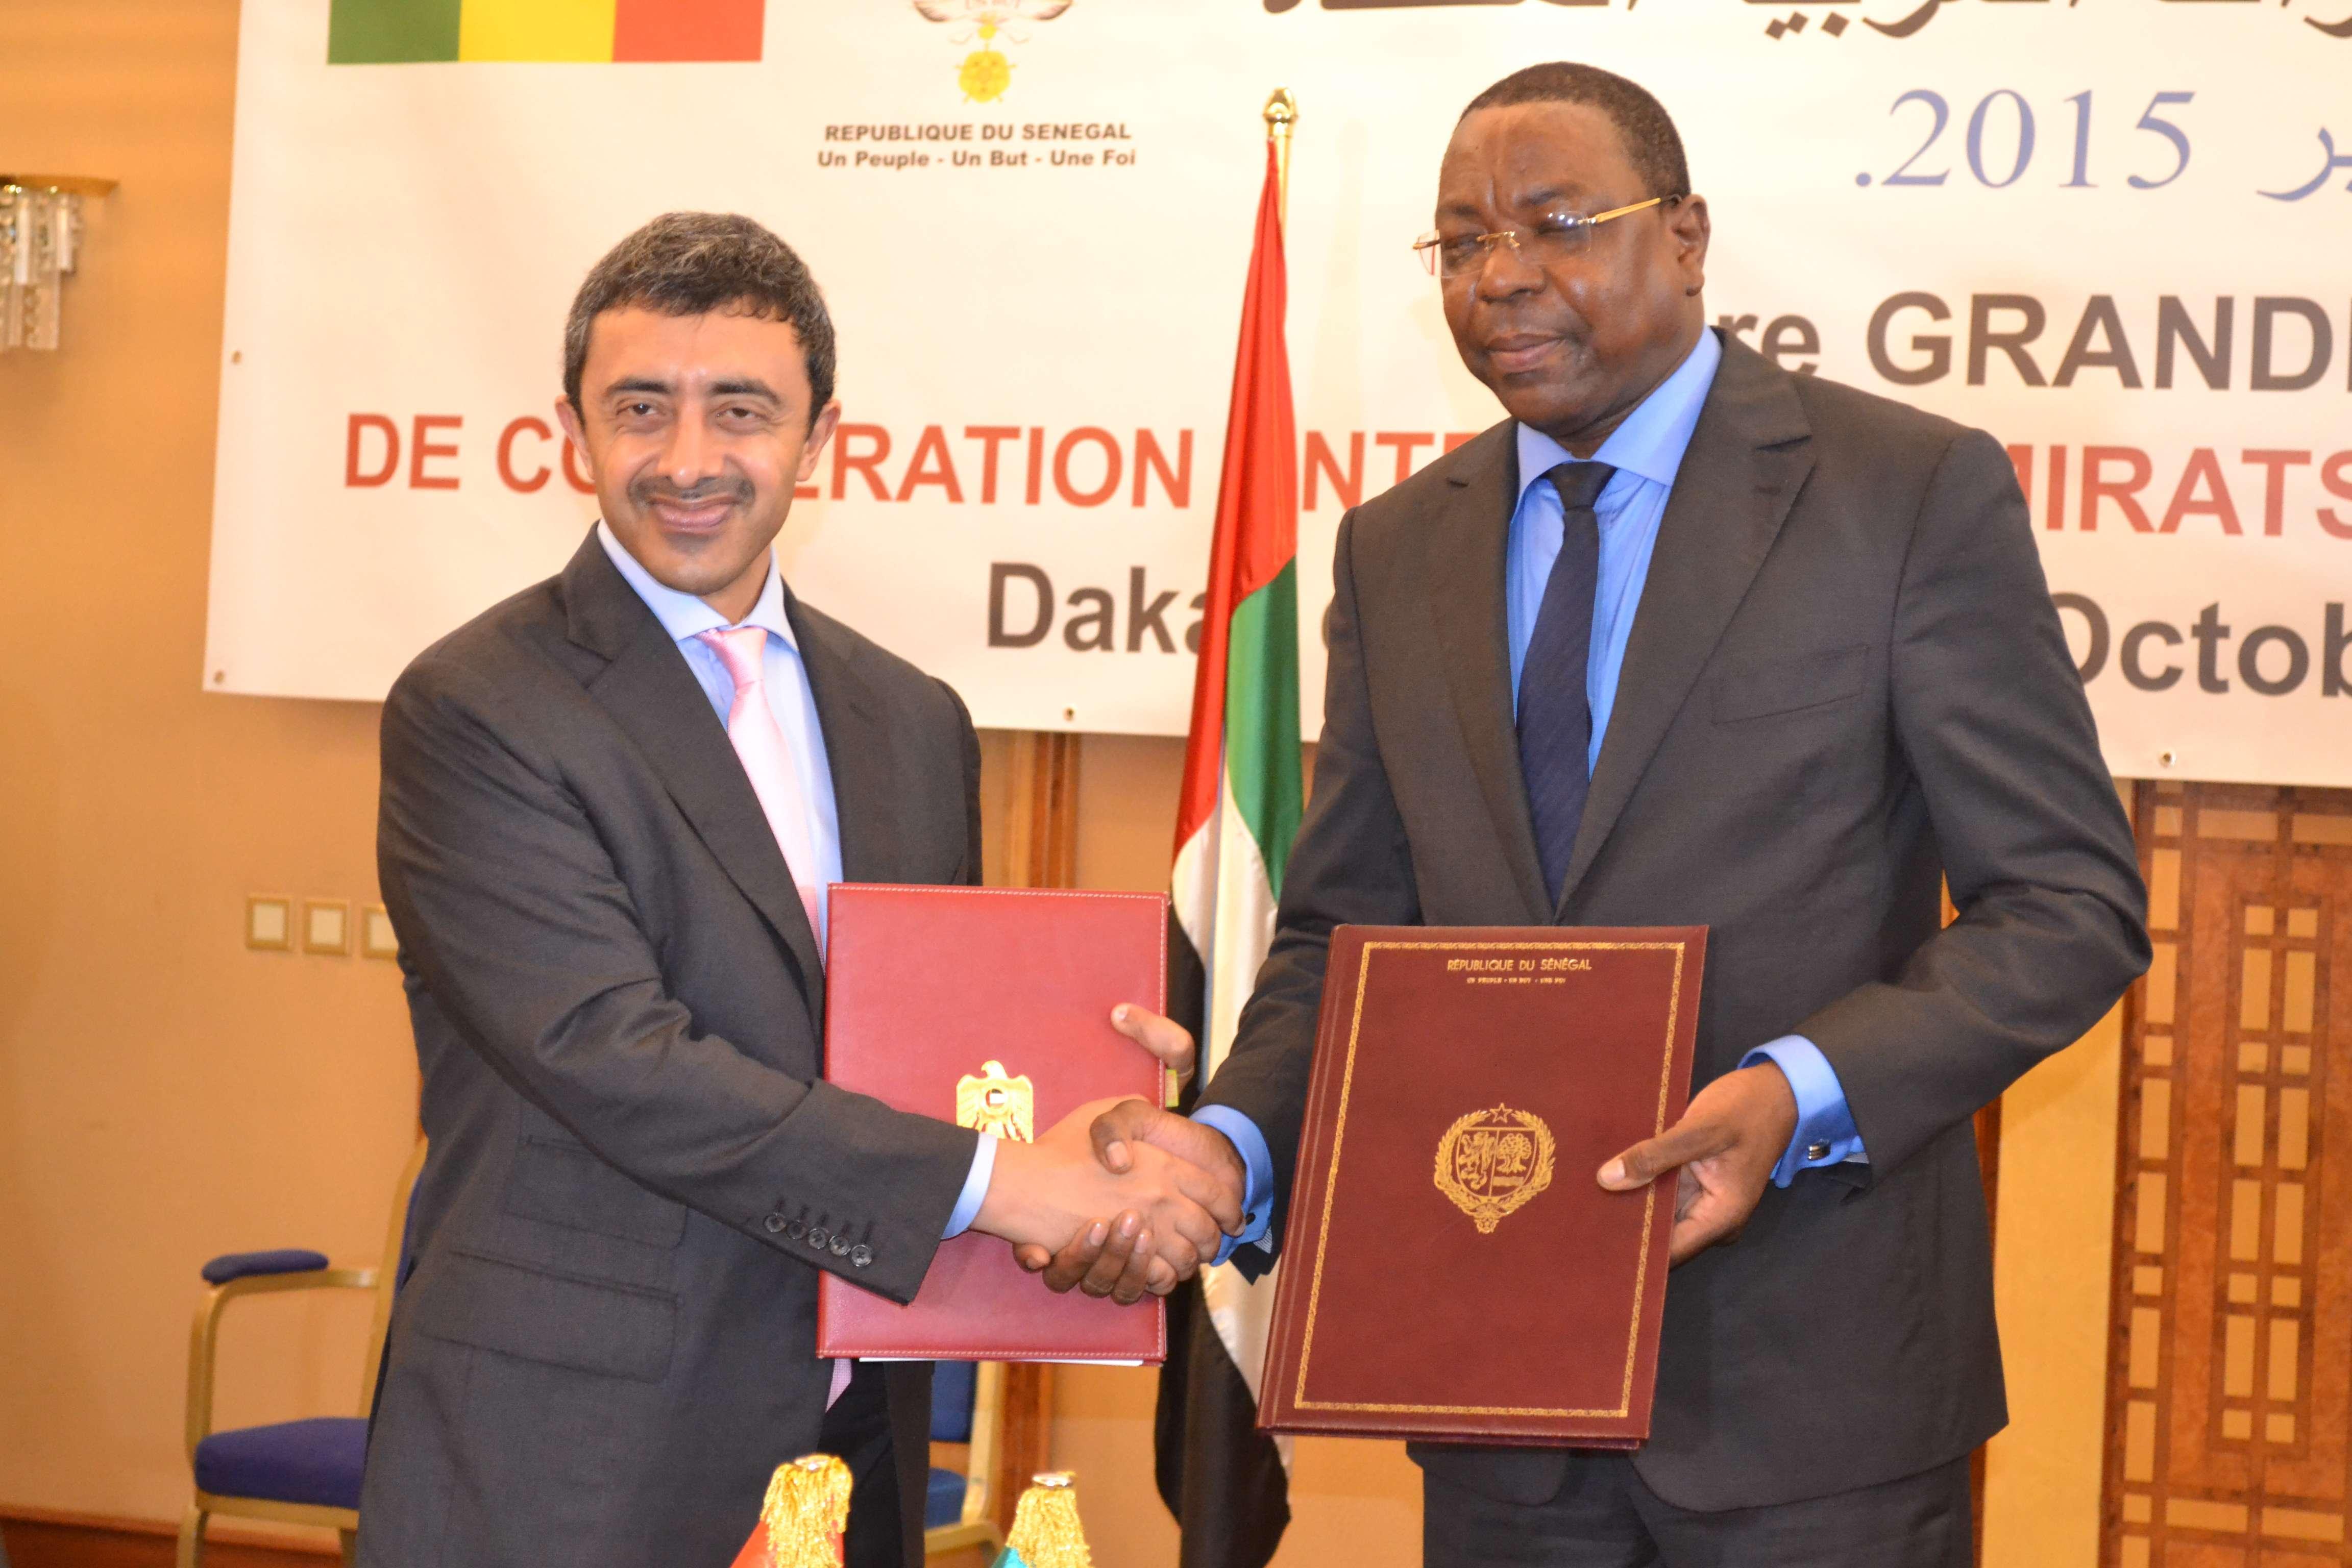 Conseil des droits de l'homme de l'Onu : Dakar va soutenir la candidature d'Abou Dhabi